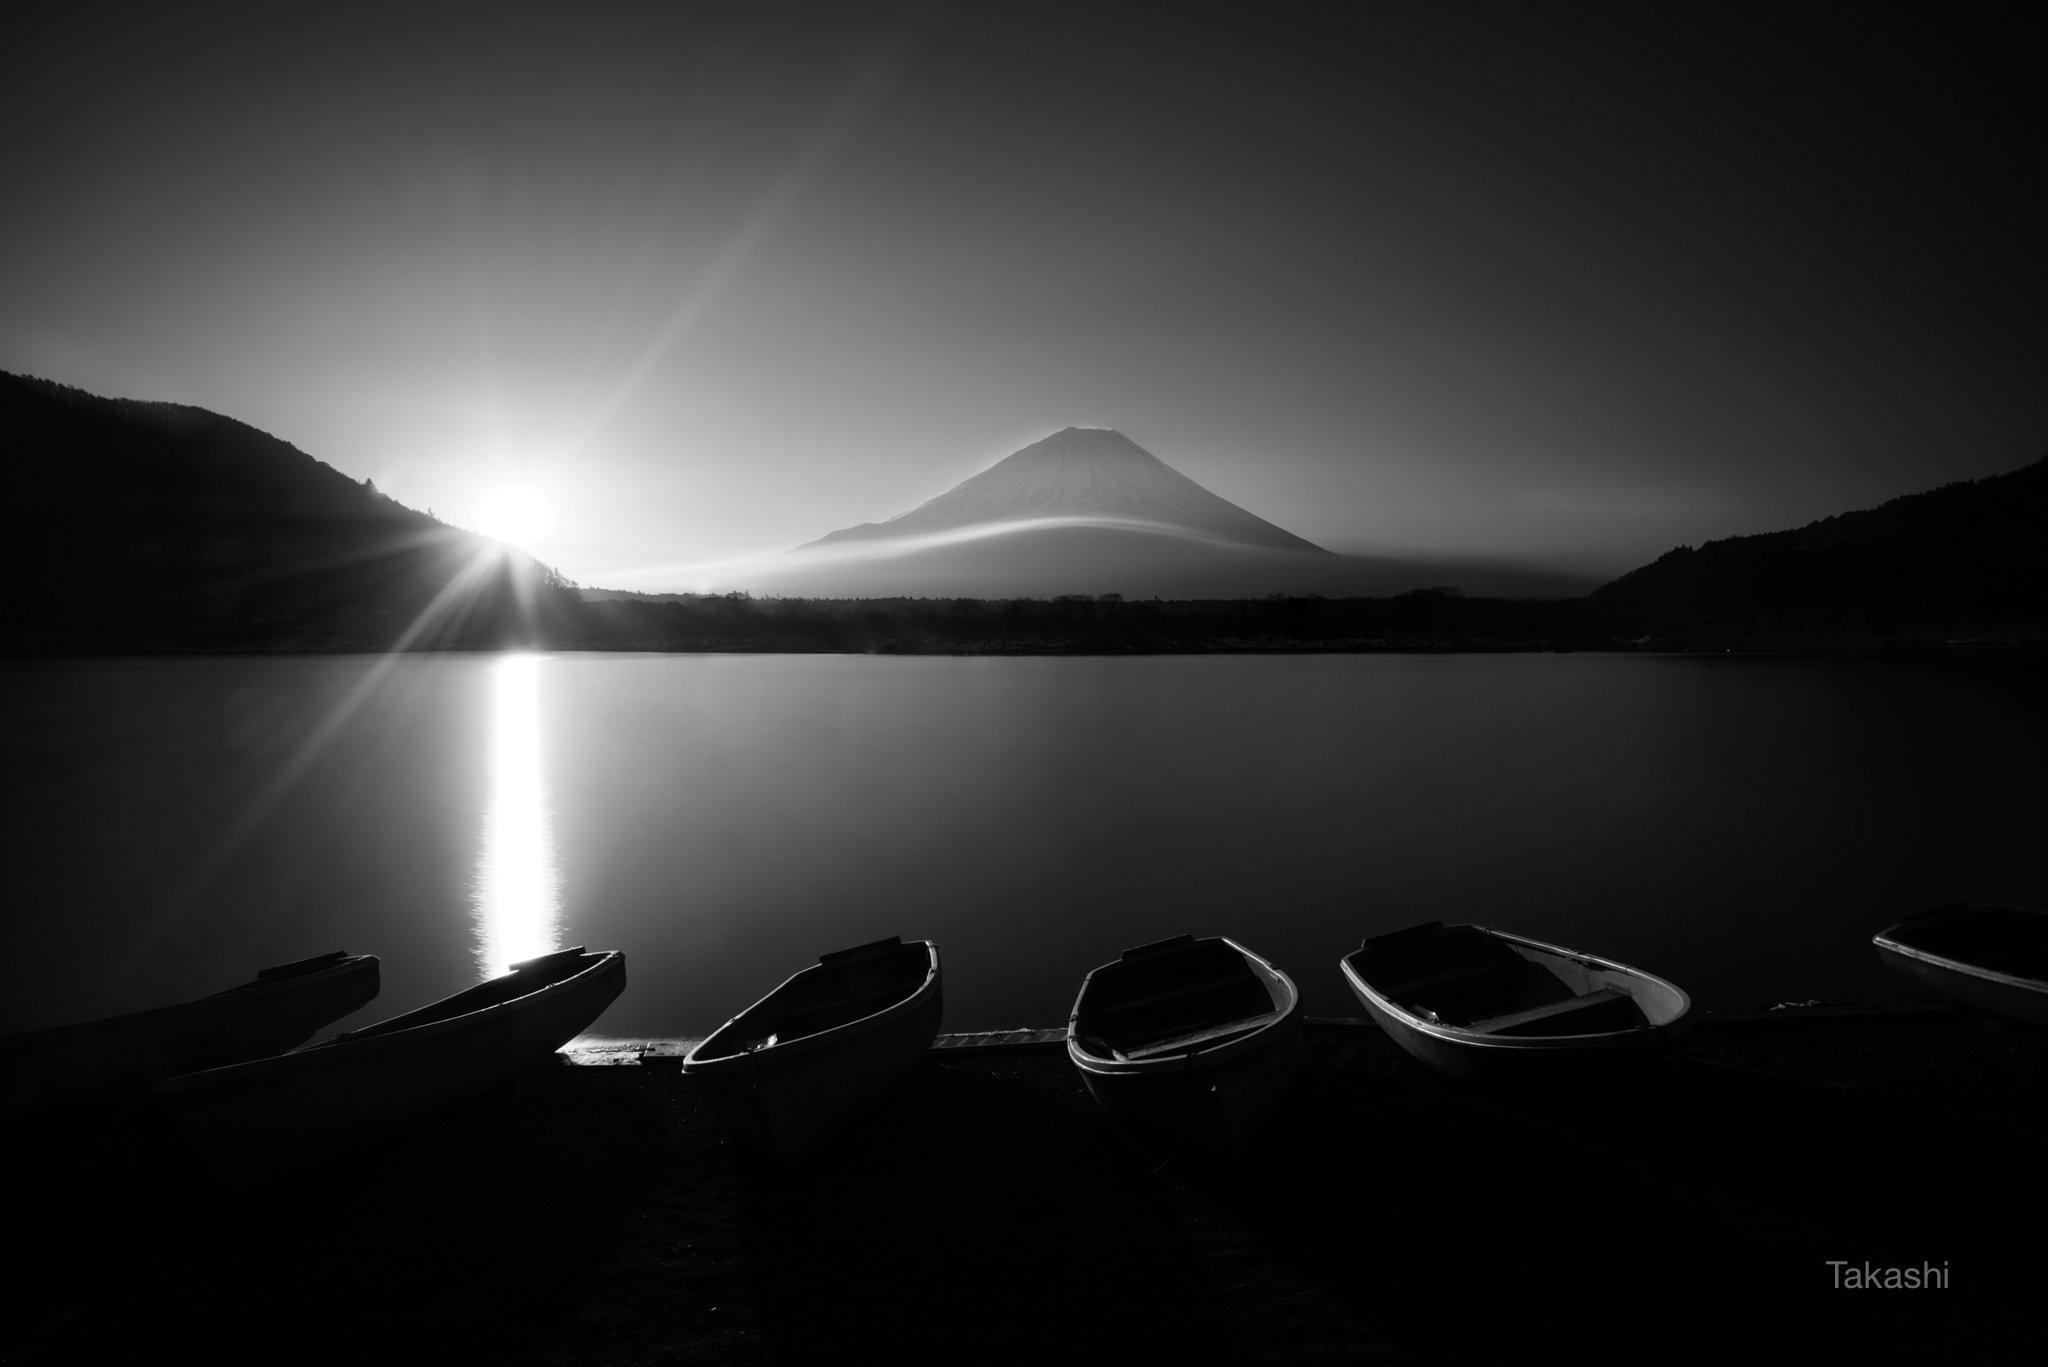 Fuji,mountain,Japan,cloud,lake,water,boat,sun,sunshine,sunrise,morning, Takashi